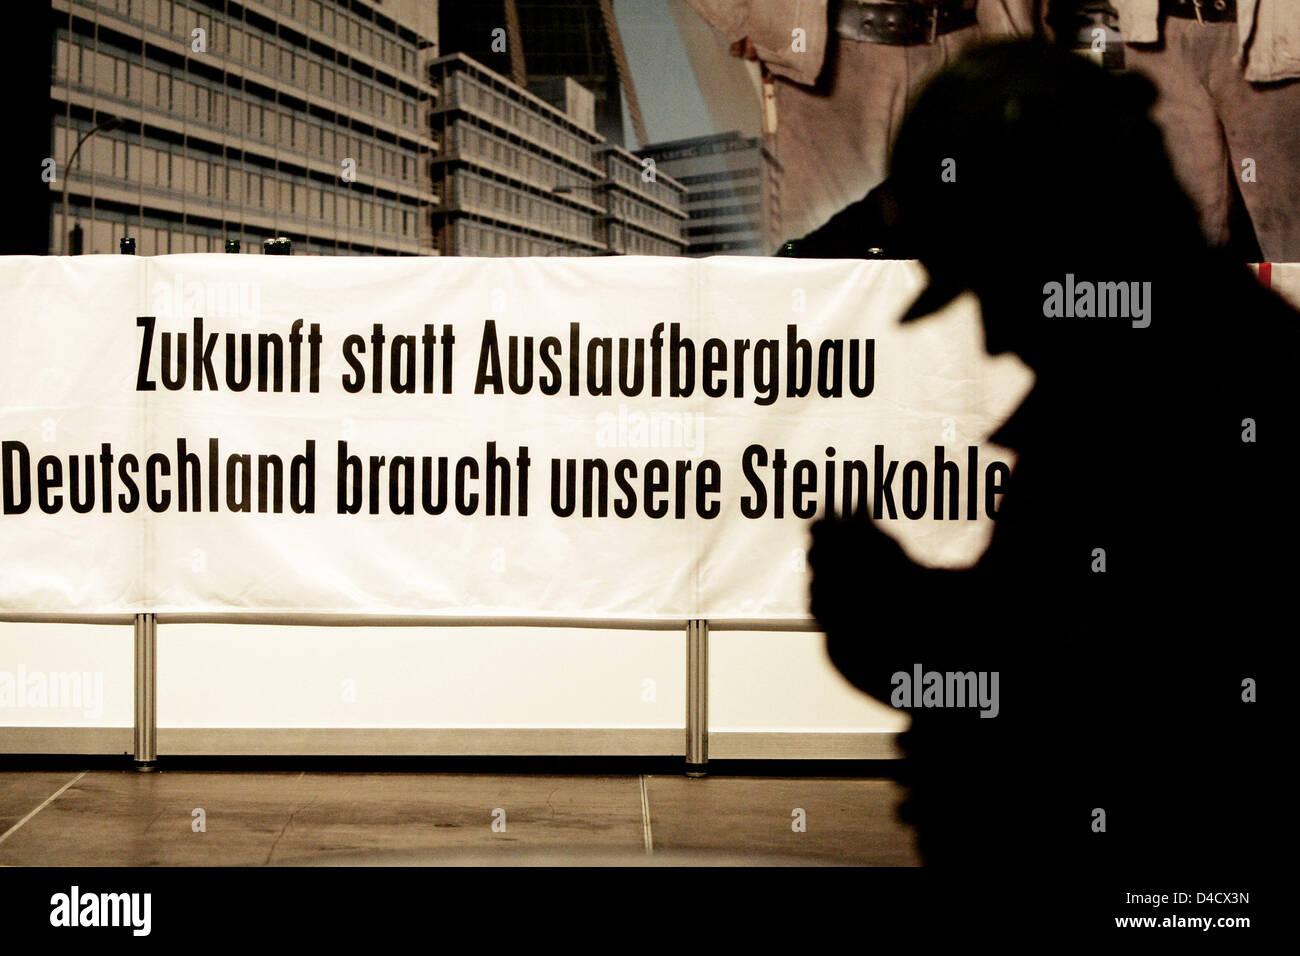 """Un minero de 'RAG Deutsche Steinkohle' empresa minera está junto a un cartel de protesta leyendo 'Zukunft statt Auslaufbergbau Deutschland braucht unsere Steinkohle"""" (literalmente: """"El futuro en lugar de su eliminación. Alemania necesita nuestro carbón"""") de la empresa en la obra extraordinaria celebrada en Saarbrücken, Alemania, el 26 de febrero de 2008. Un terremoto relacionadas con la minería llegando a 4,0 en la escala de Richter """"sho Foto de stock"""